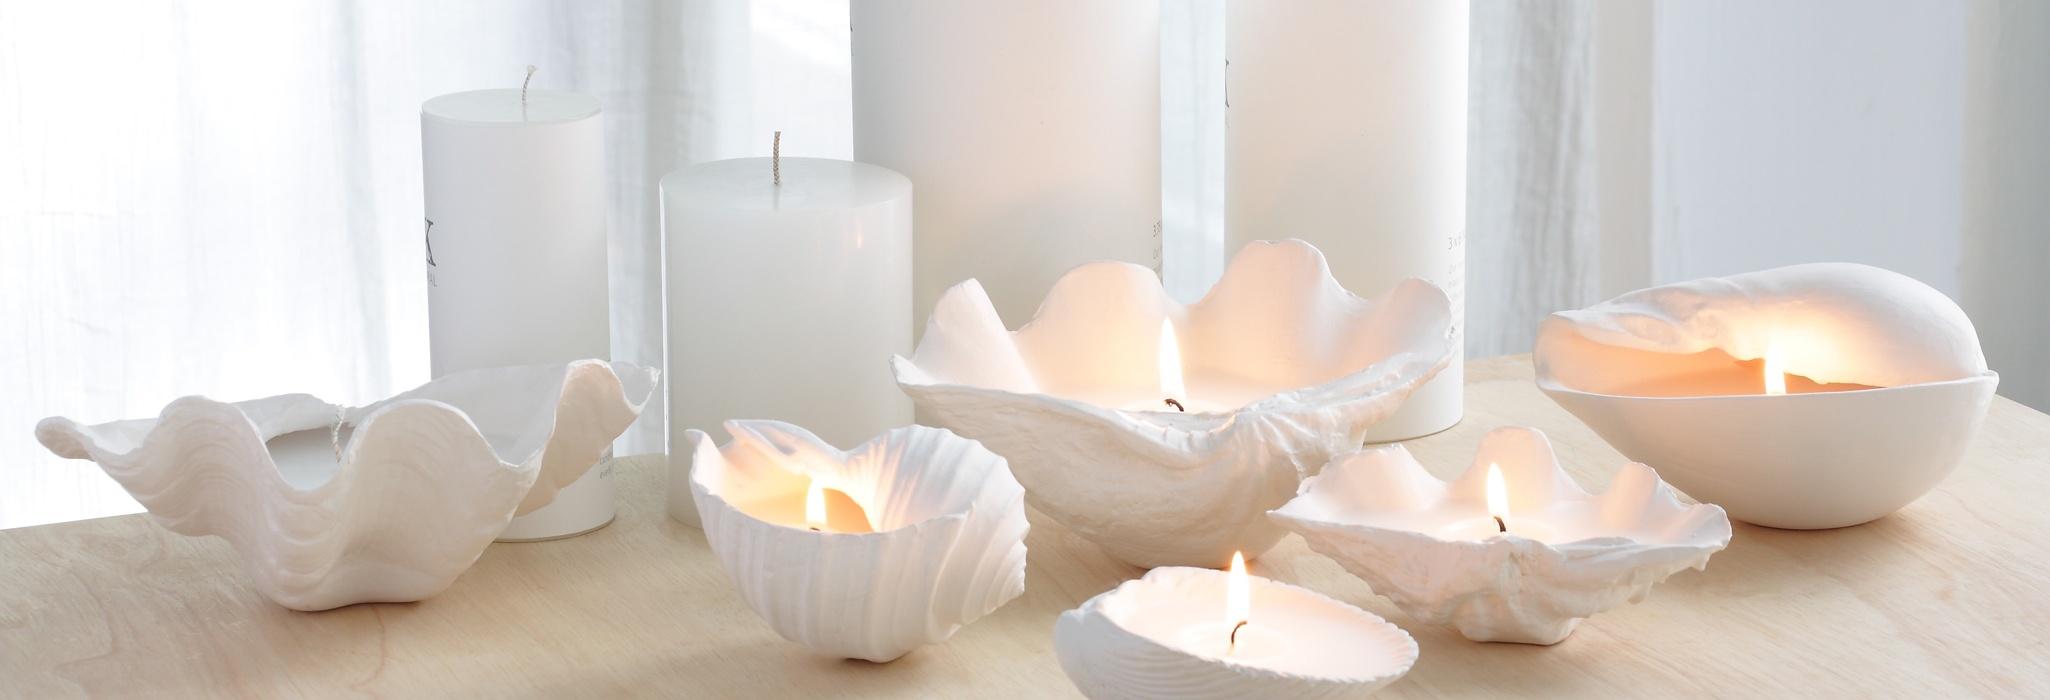 شمع استوانه قطر ١٥ * ٧